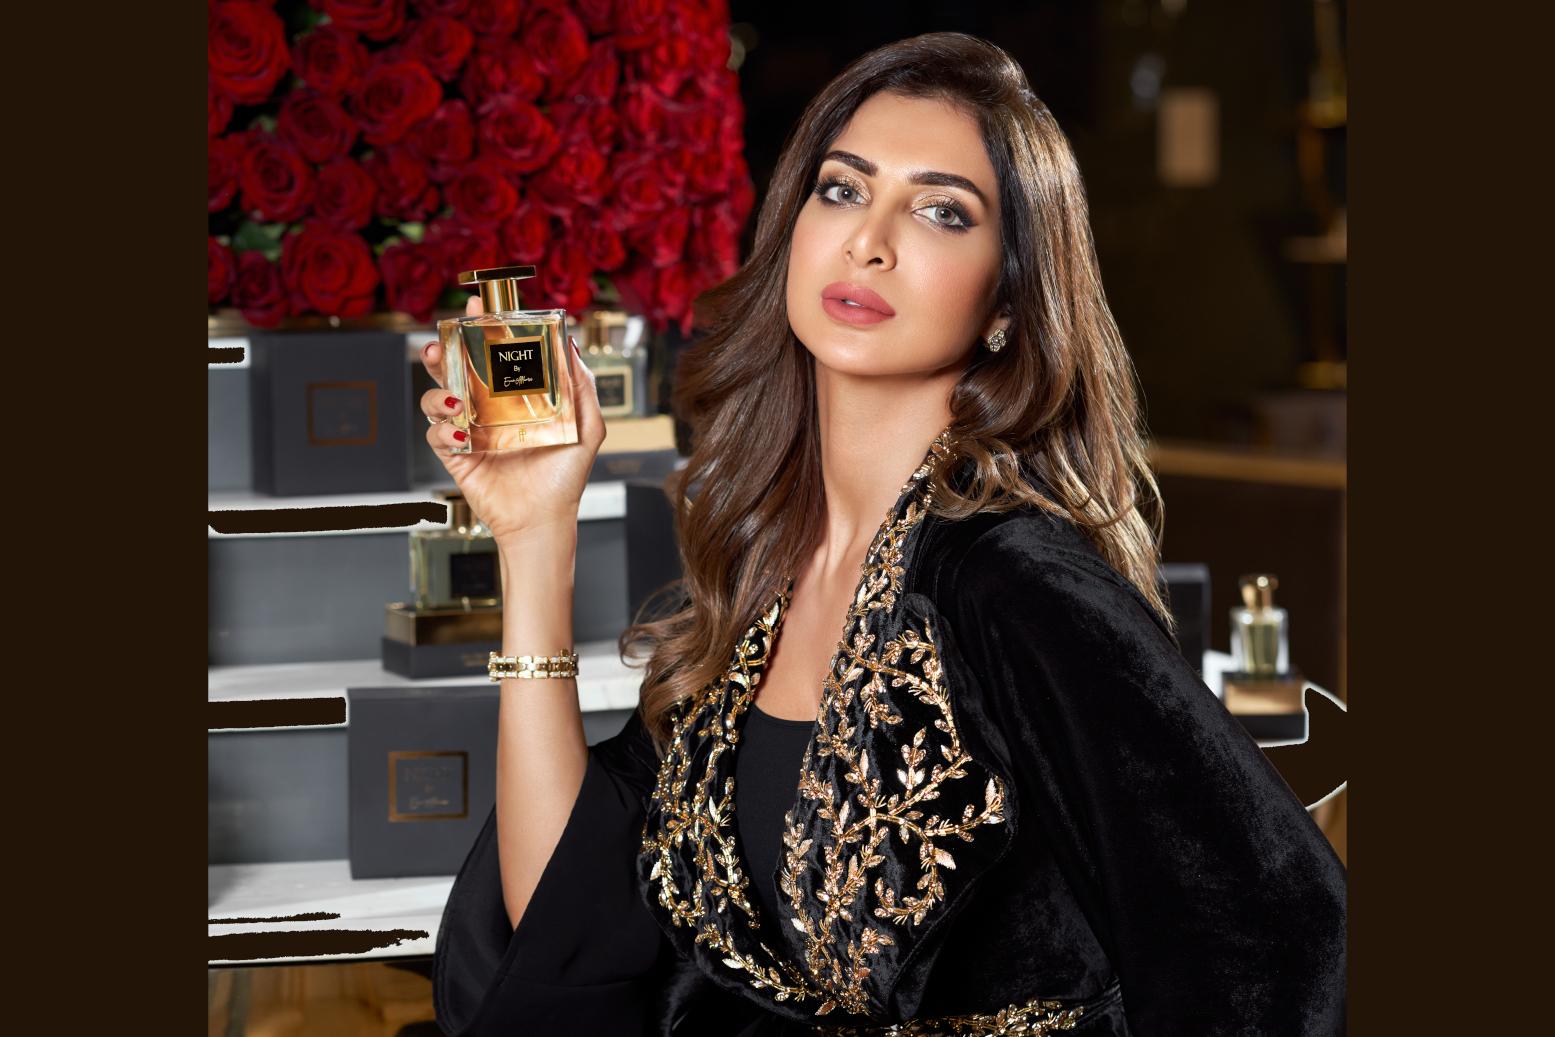 صور| مصممة الأزياء إيمان الفلامرزي تطلق عطرها الجديد من توب برفيومر